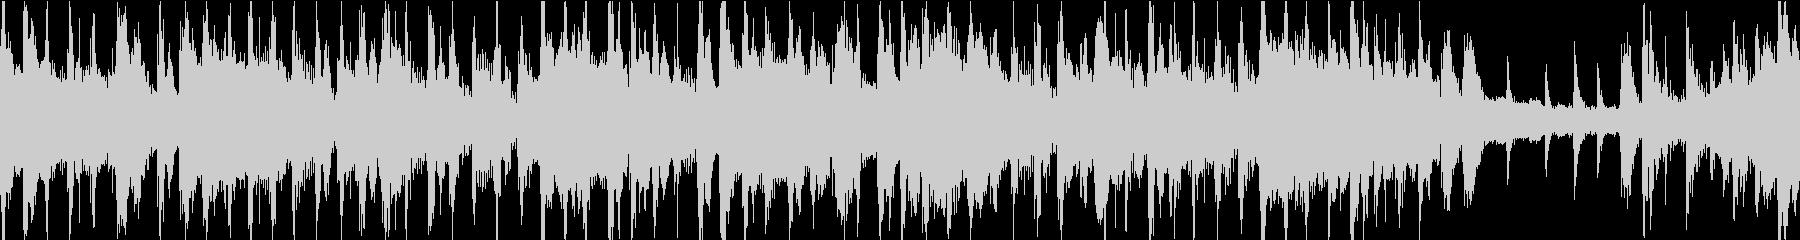 ジャジーでお洒落なBGM ループ仕様の未再生の波形